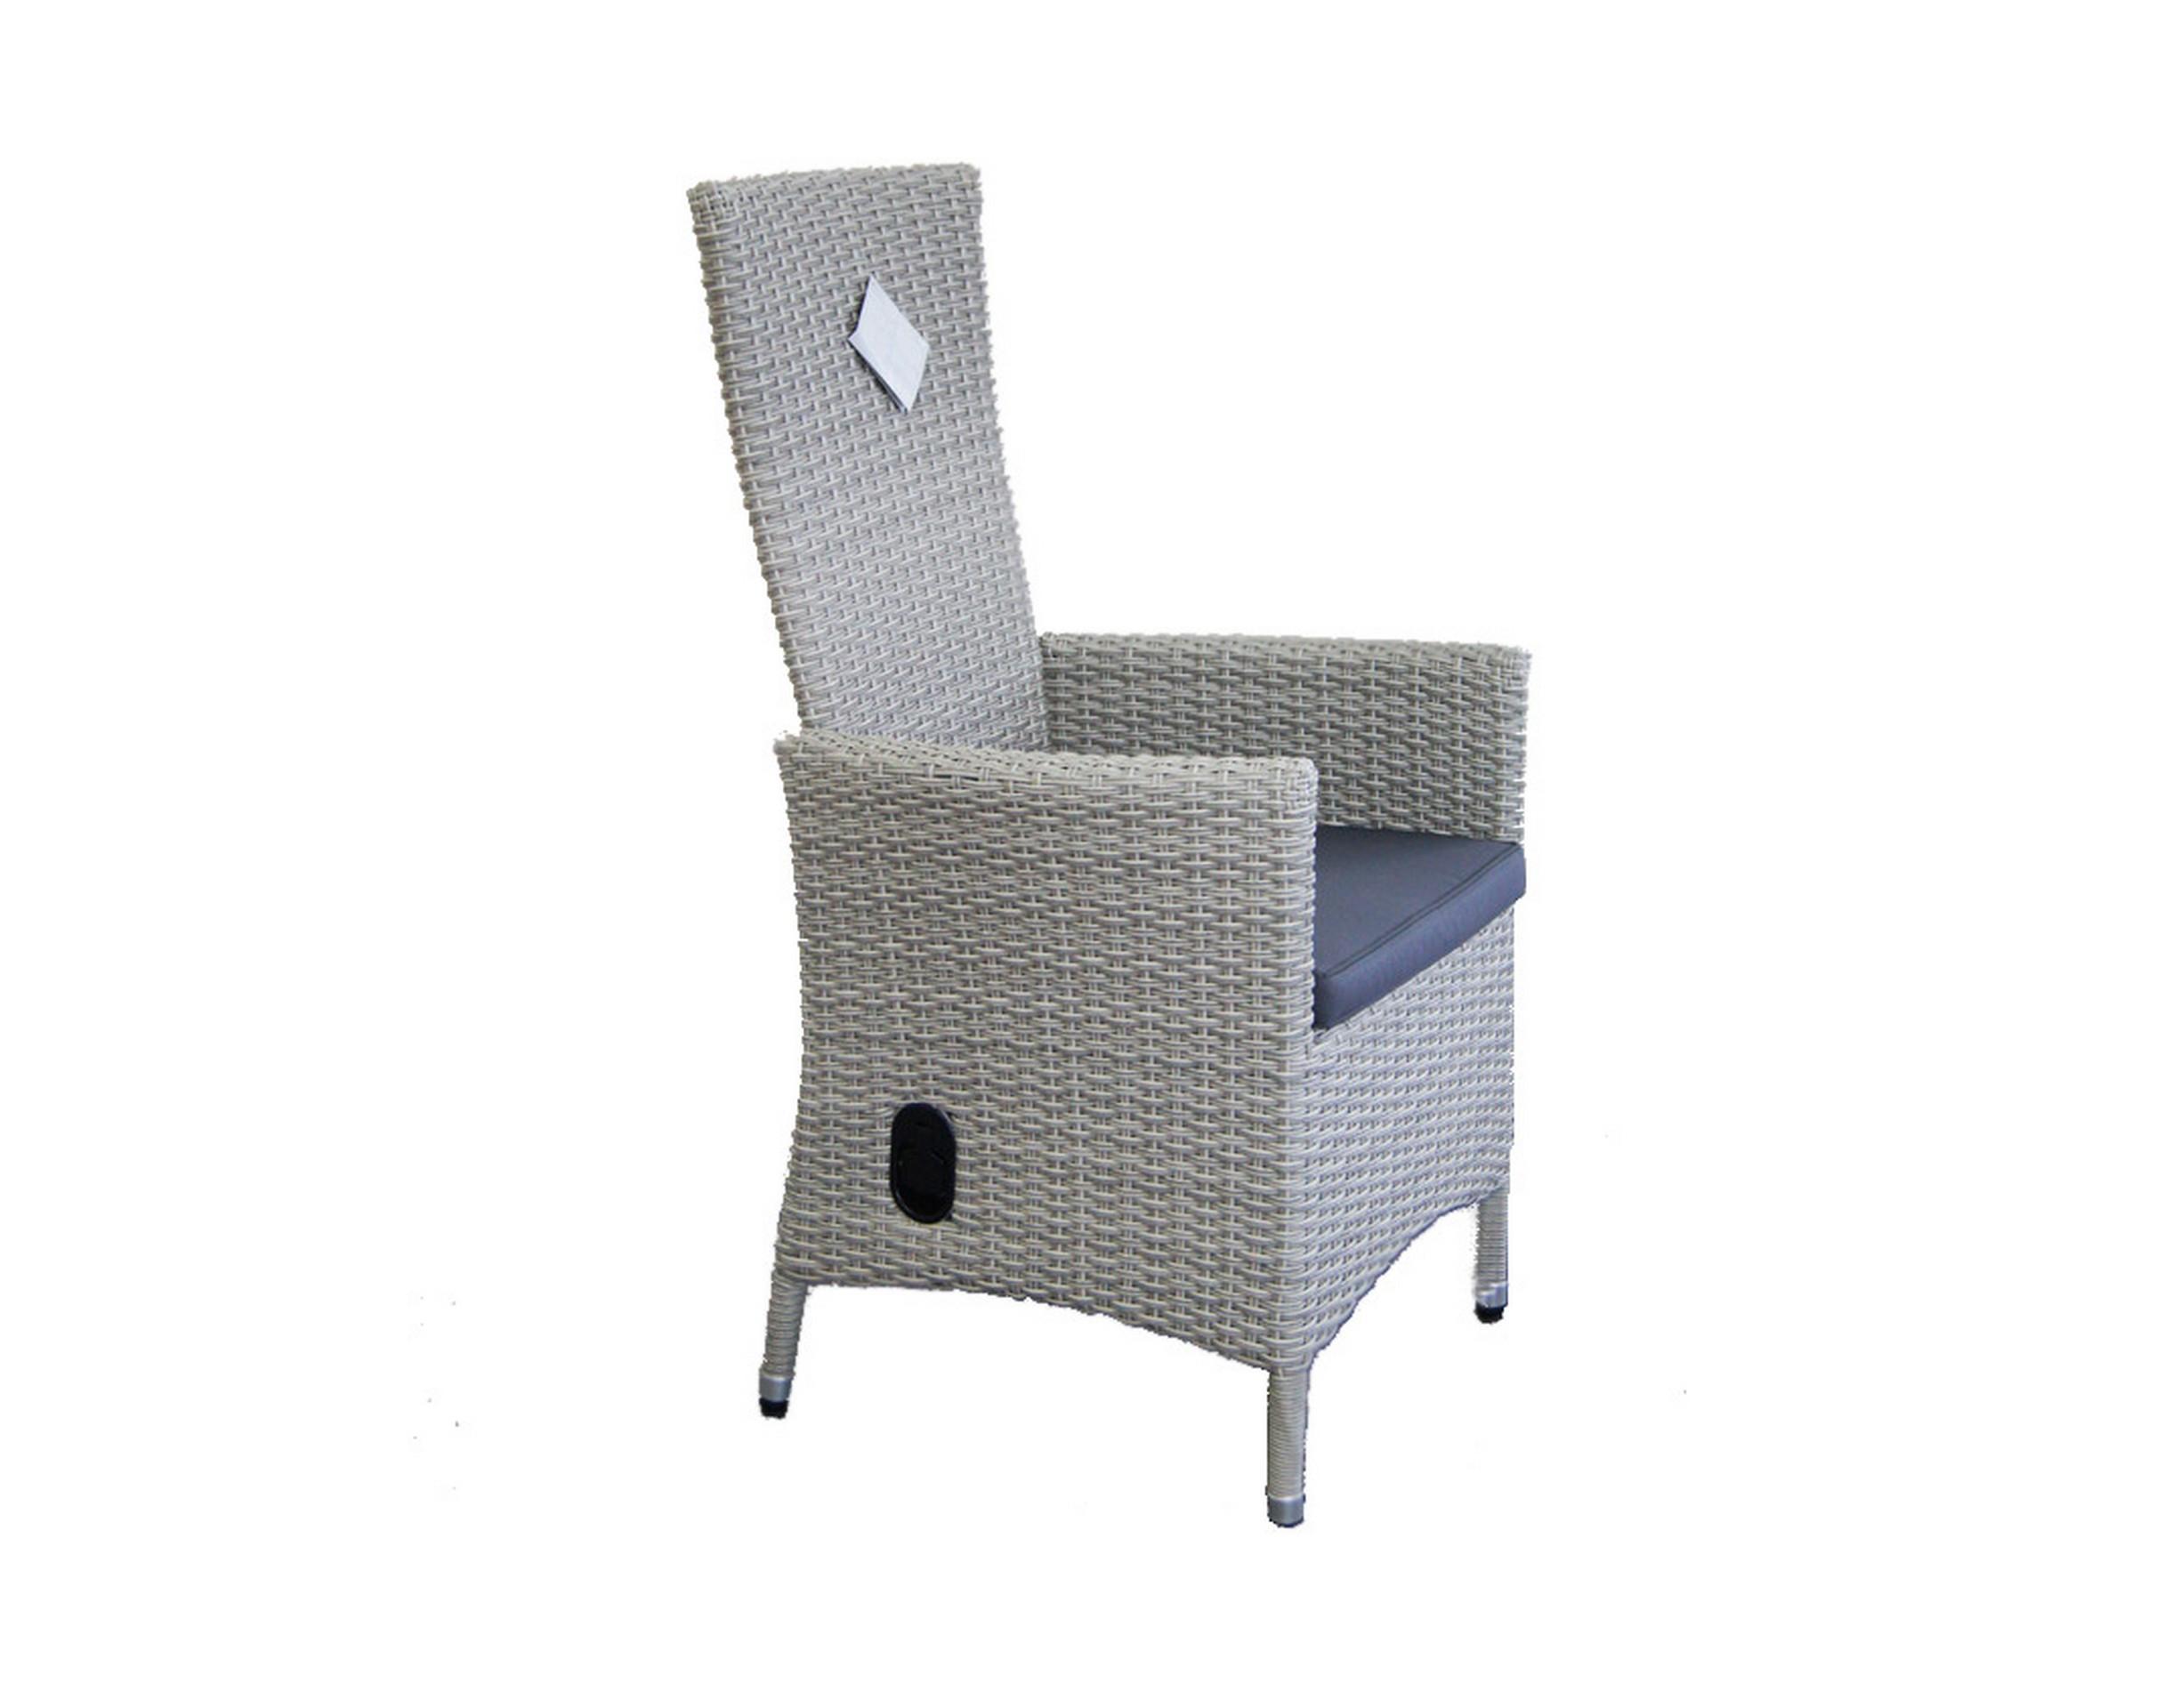 Кресло-реклайнер CapriКресла для сада<br>Плетеное кресло Capri имеет регулируемую спинку, так что в нем вам будет очень удобно.&amp;amp;nbsp;&amp;lt;div&amp;gt;&amp;lt;br&amp;gt;&amp;lt;/div&amp;gt;&amp;lt;div&amp;gt;Материал — искусственный ротанг серого цвета, каркас алюминиевый.&amp;lt;/div&amp;gt;<br><br>Material: Ротанг<br>Width см: 61<br>Depth см: 59<br>Height см: 111